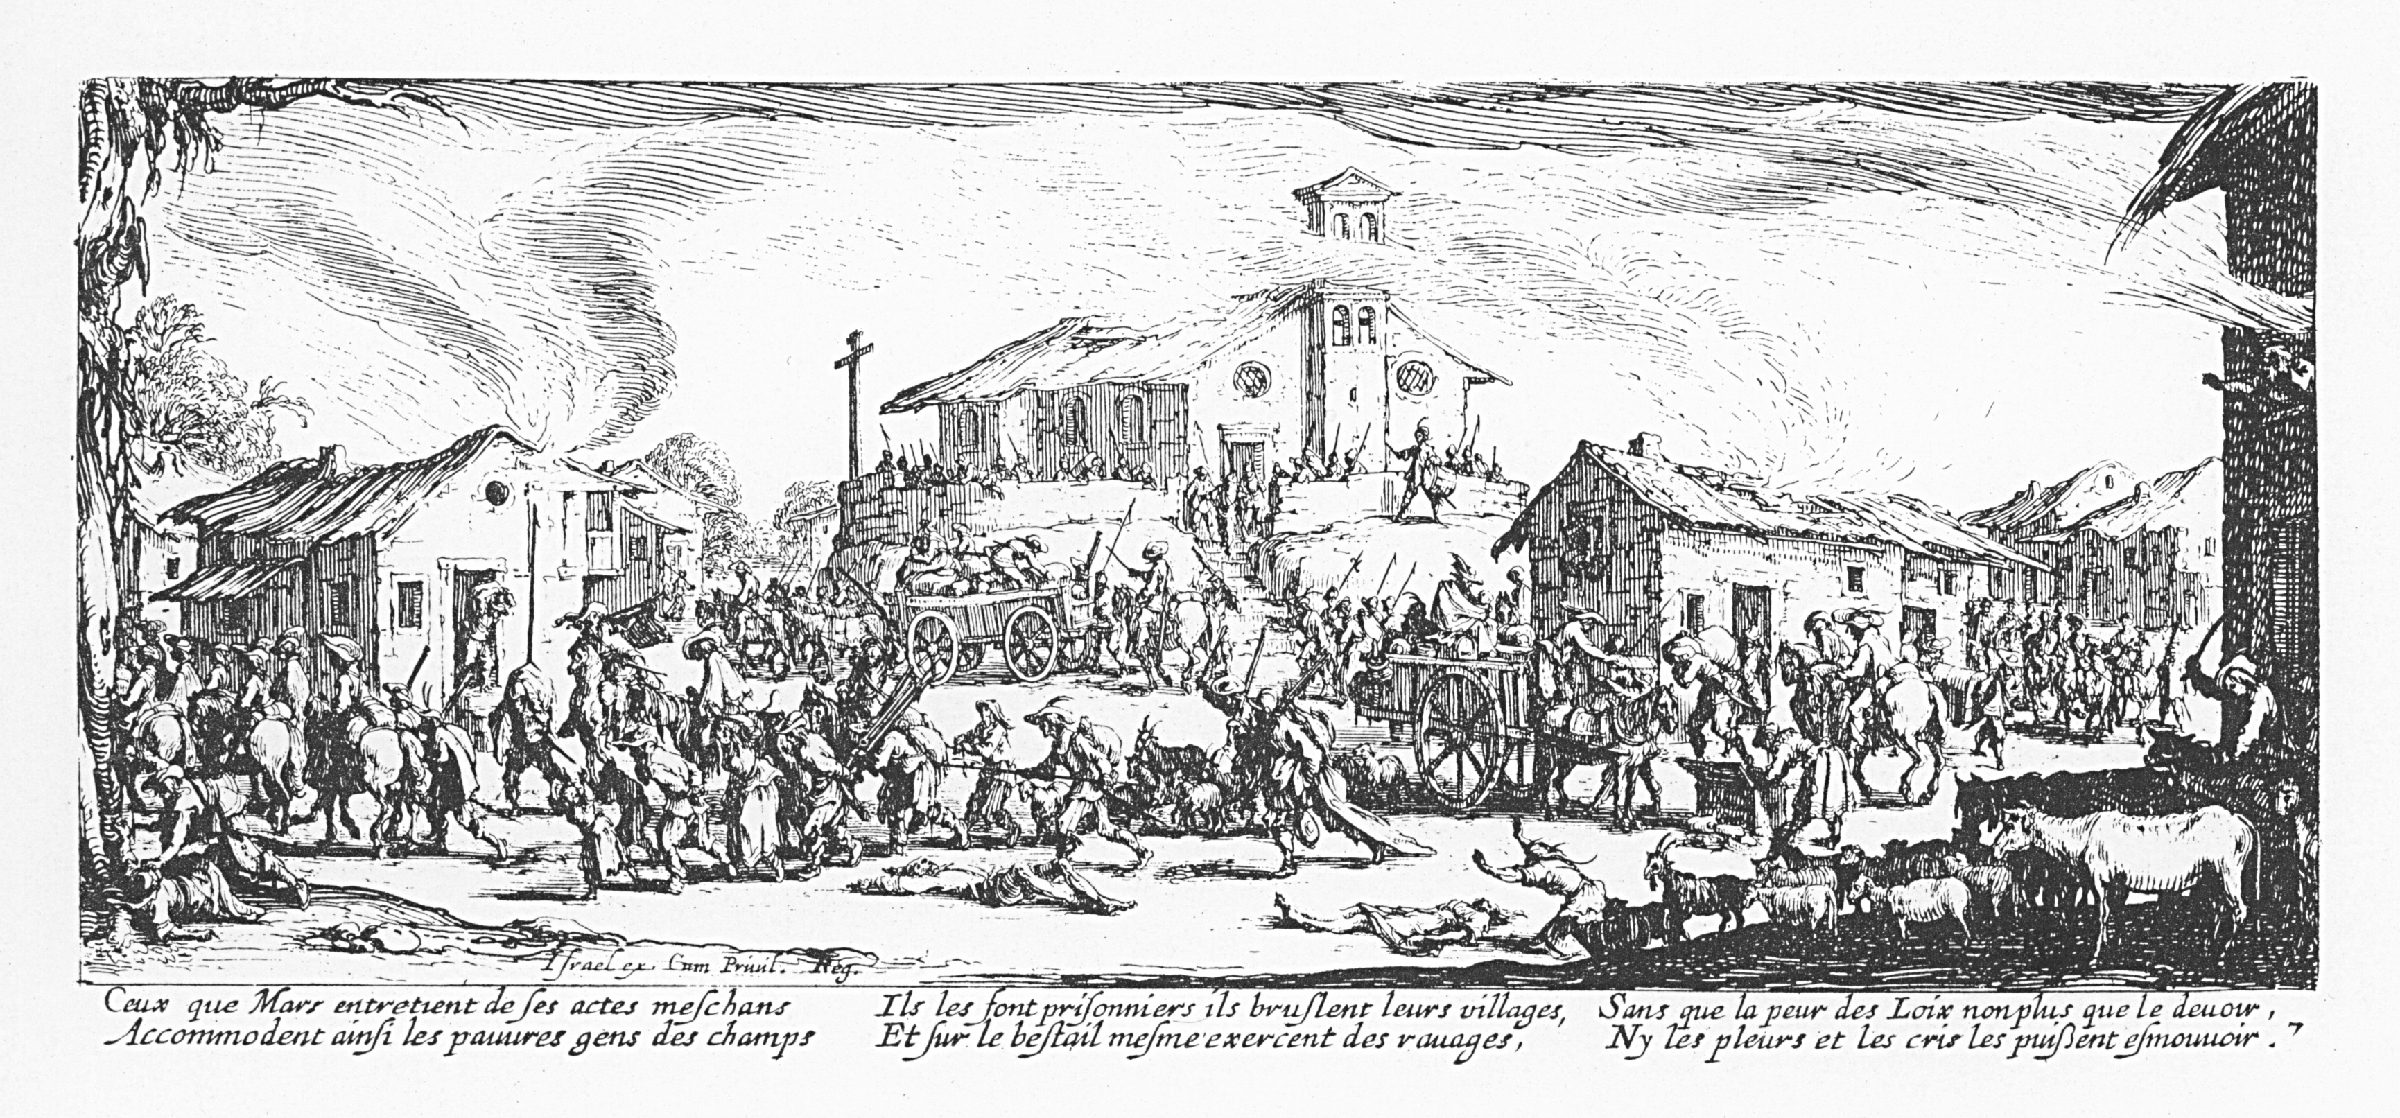 Pillage et incendie d'un village.Sumber gambar: wikimedia.org